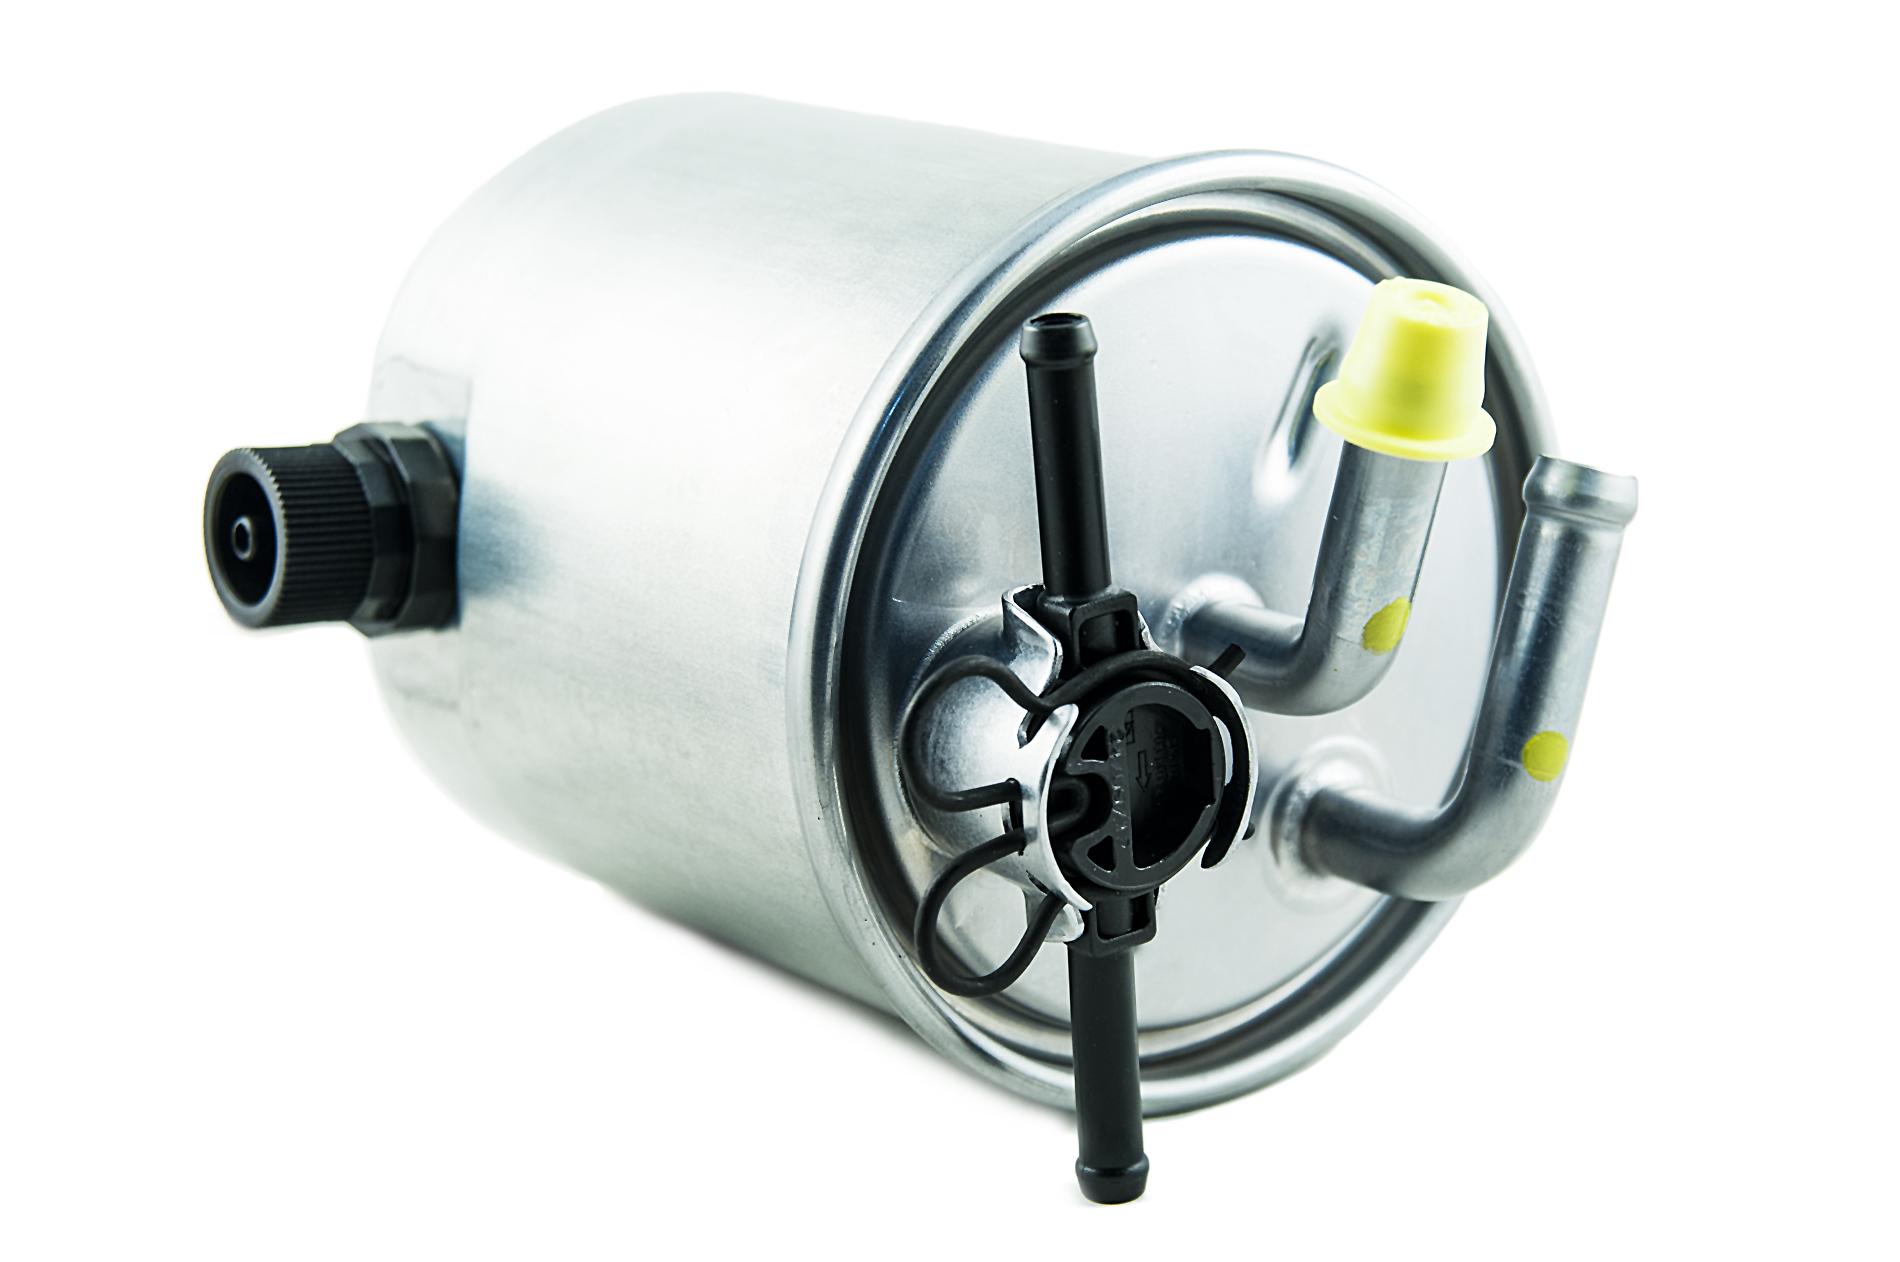 nissan genuine pathfinder engine fuel filter filtration. Black Bedroom Furniture Sets. Home Design Ideas